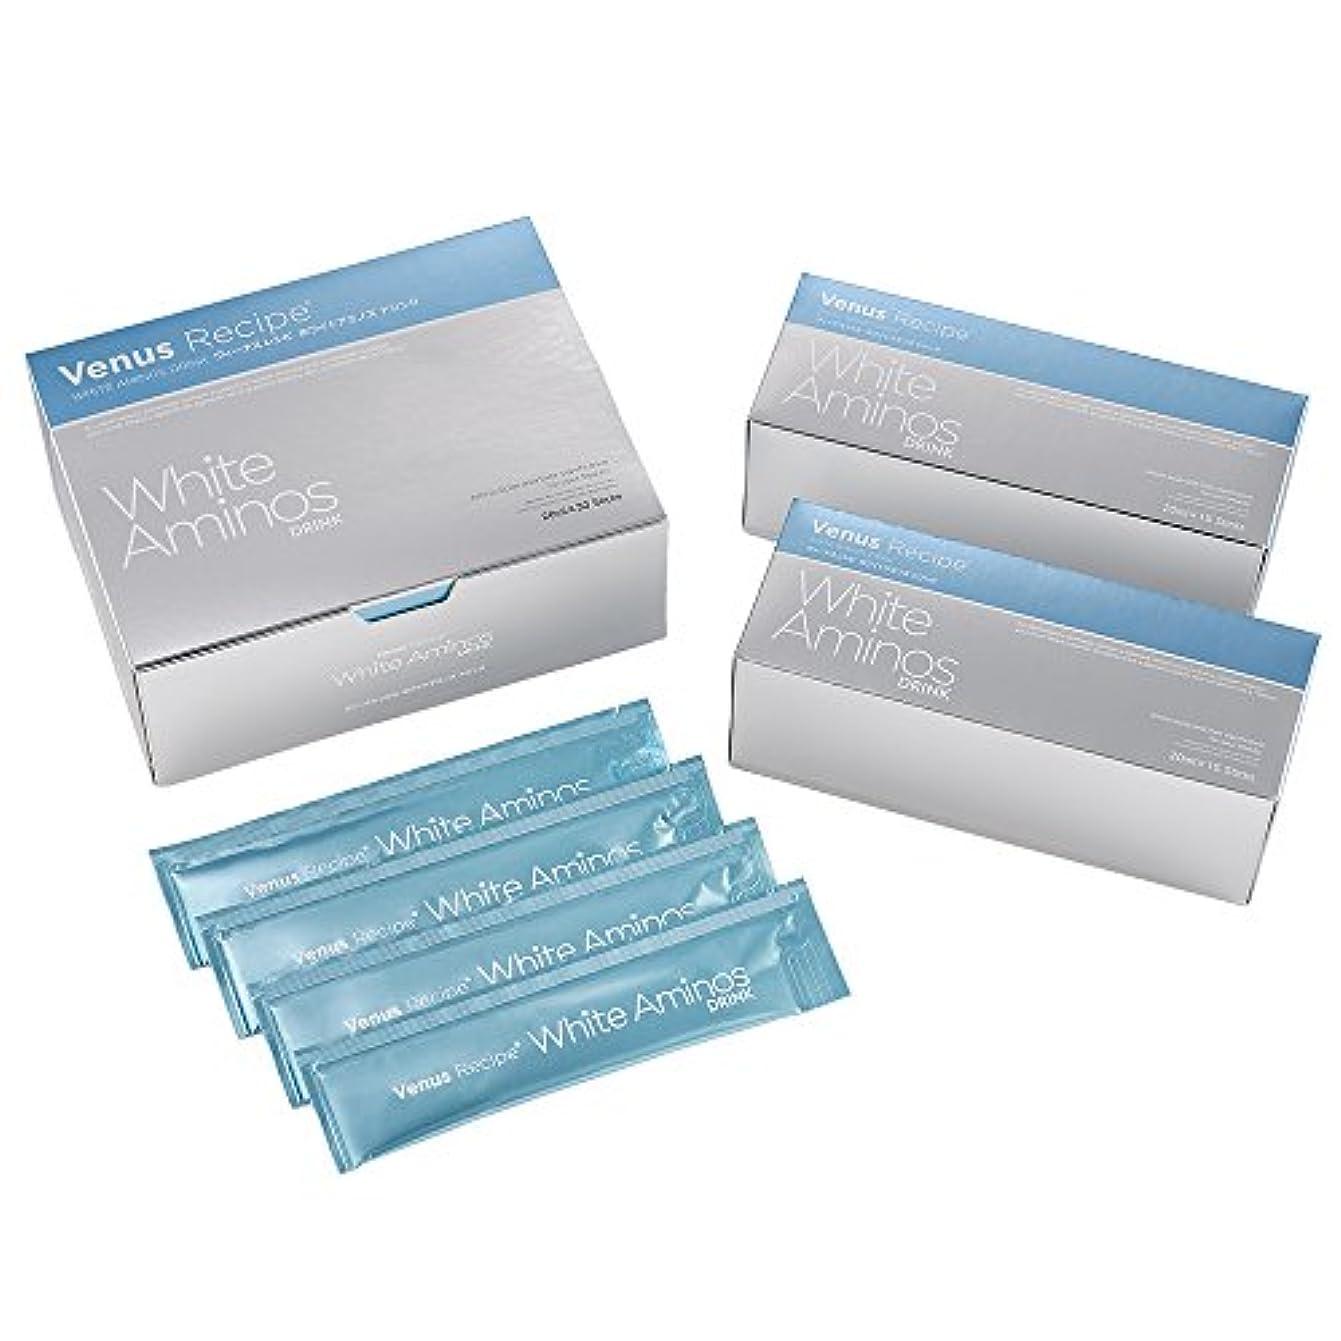 増幅器疑問を超えて確立しますアクシージア (AXXZIA) ヴィーナスレシピ ホワイトアミノズ ドリンク 600mL(20mL×15包)  美容ドリンク アミノ酸